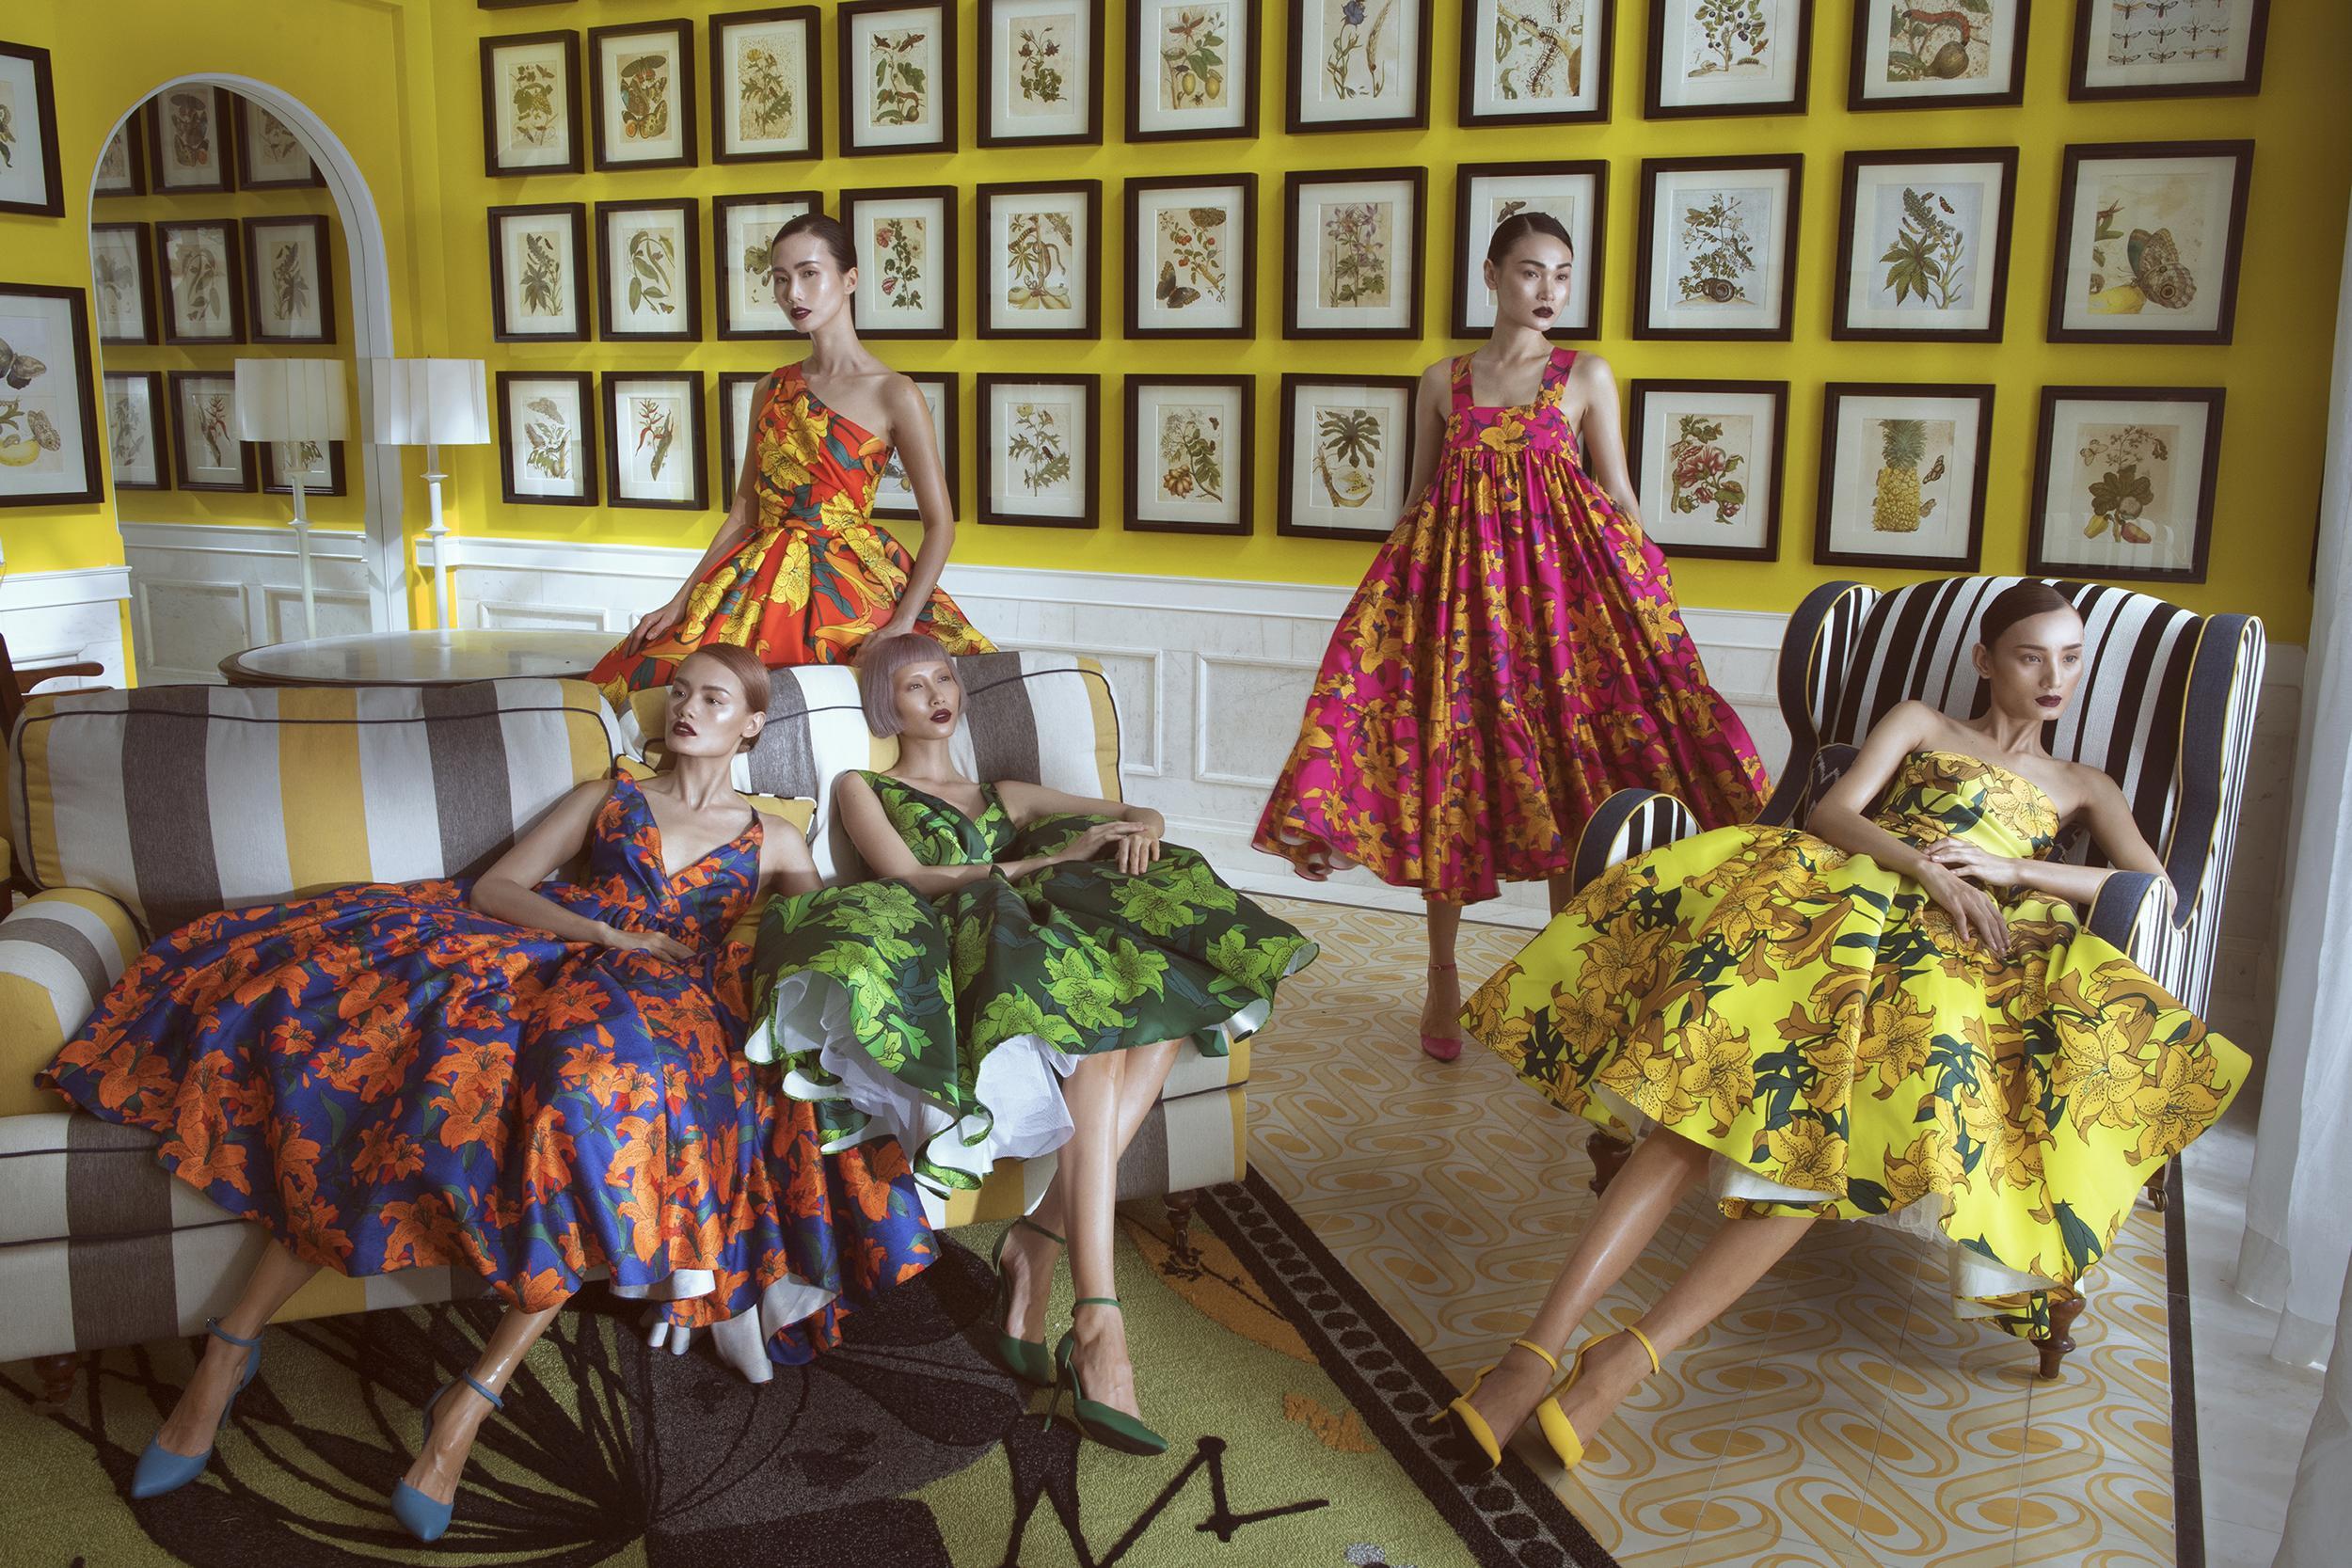 Dàn mẫu cuốn hút với váy áo sắc màu của Đỗ Mạnh Cường-2